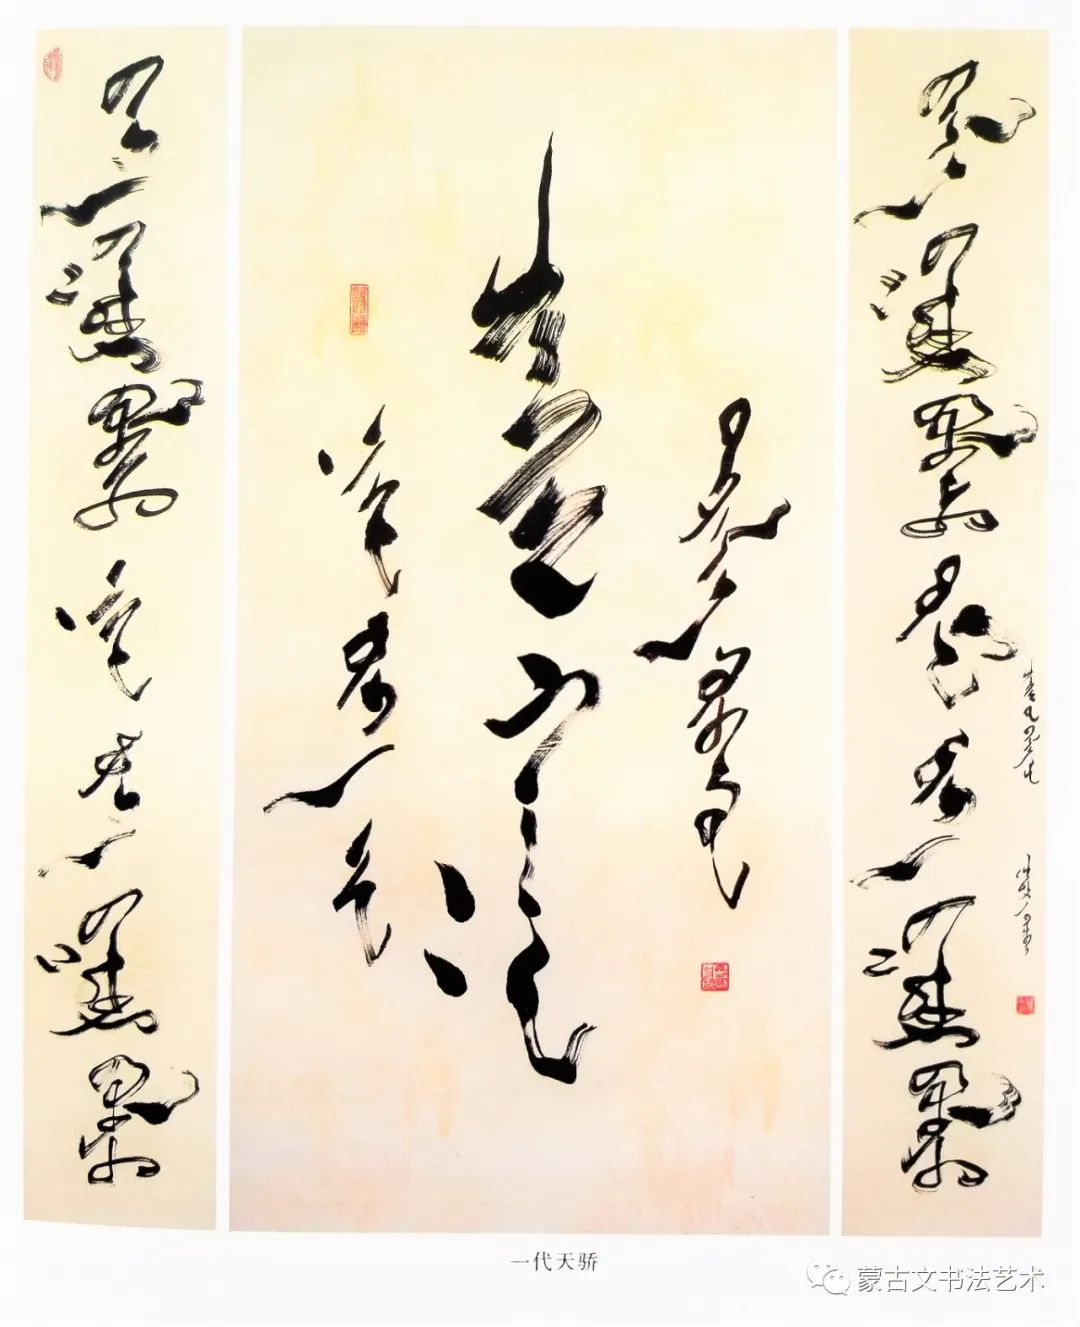 赞得来蒙古文书法集 第10张 赞得来蒙古文书法集 蒙古书法